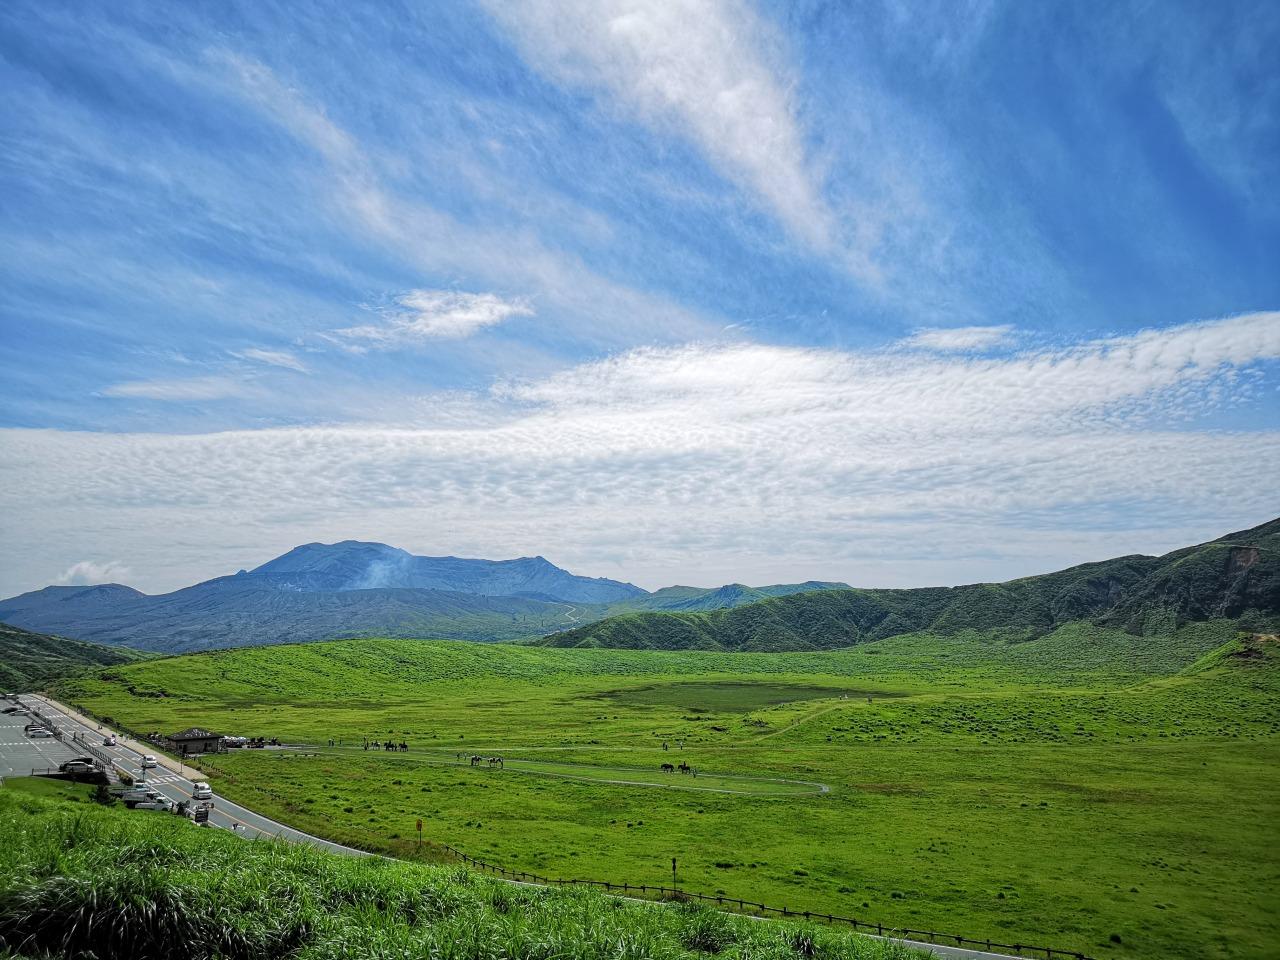 Mt. Aso Kusasenri